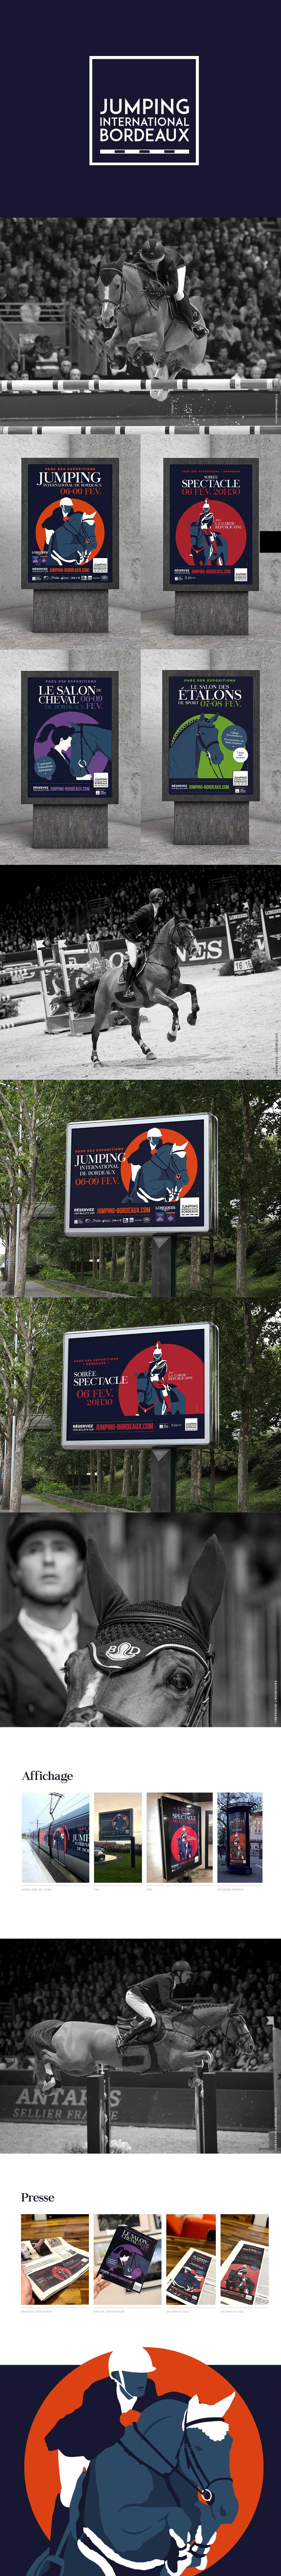 Jumping International de Bordeaux : affiche 2020